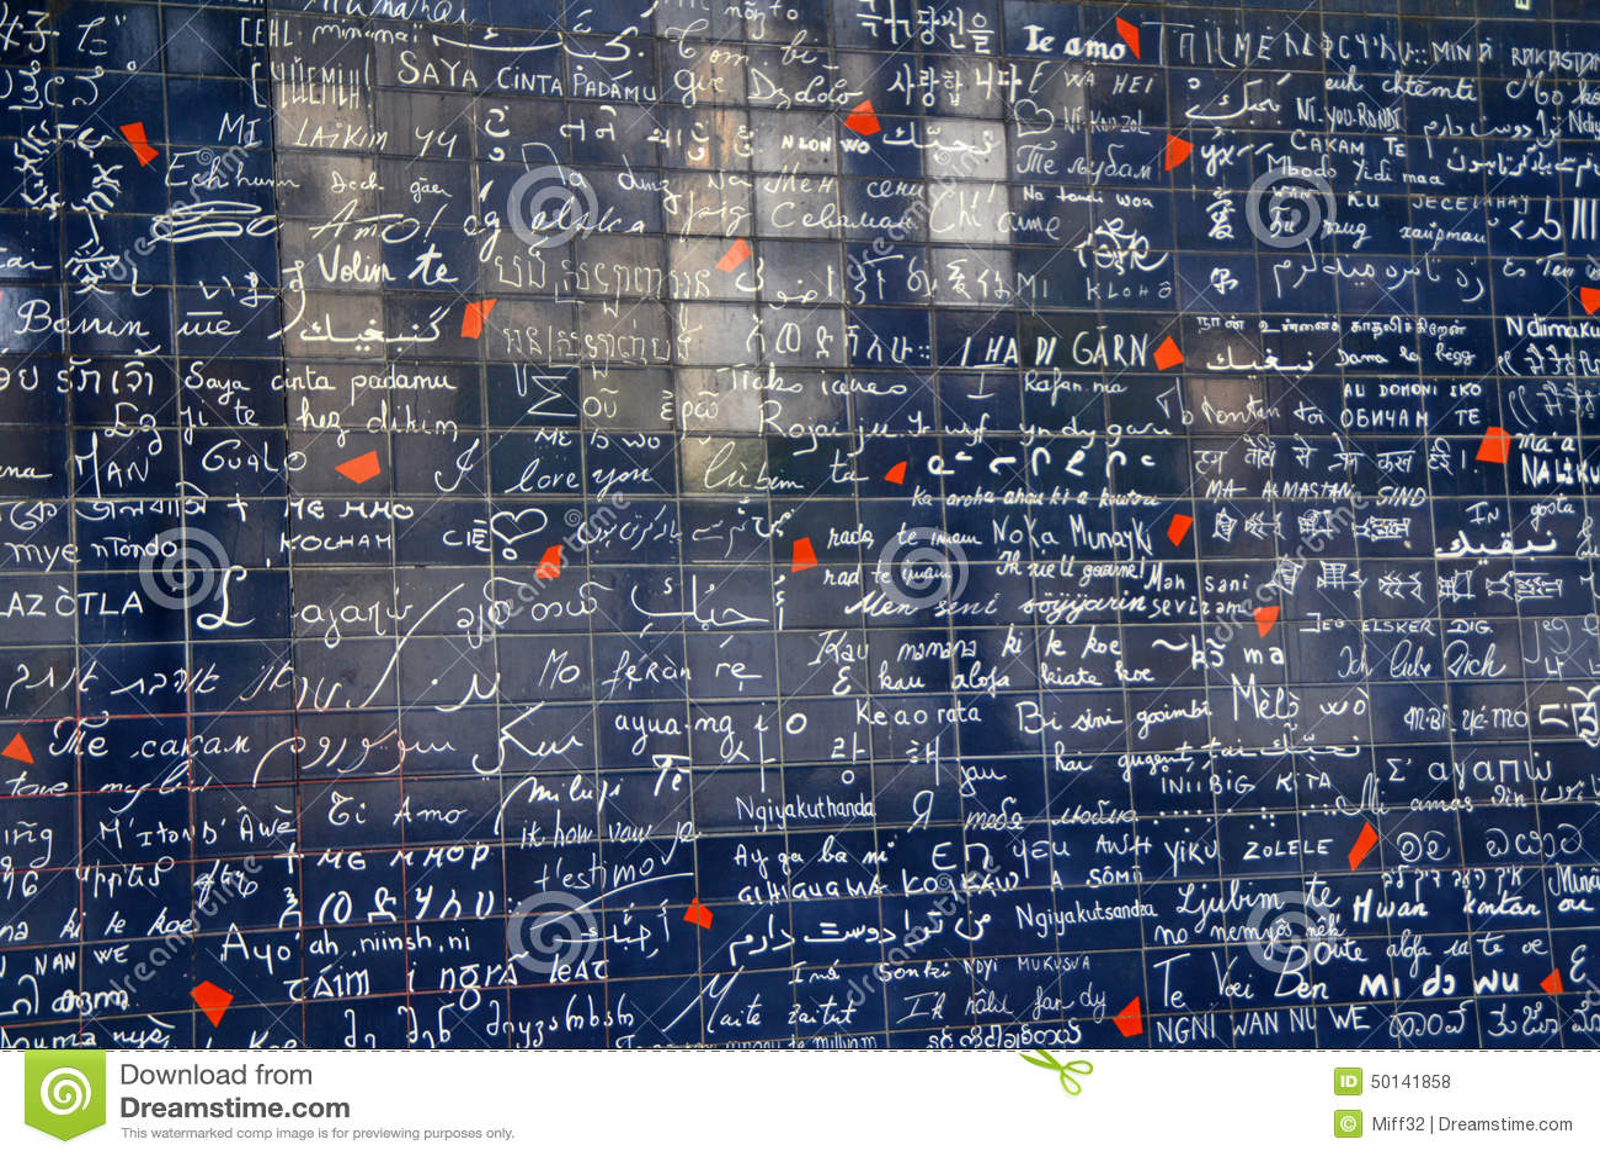 Ich Liebe Dich Wand Von Paris Je Le Mur Des T Aime In